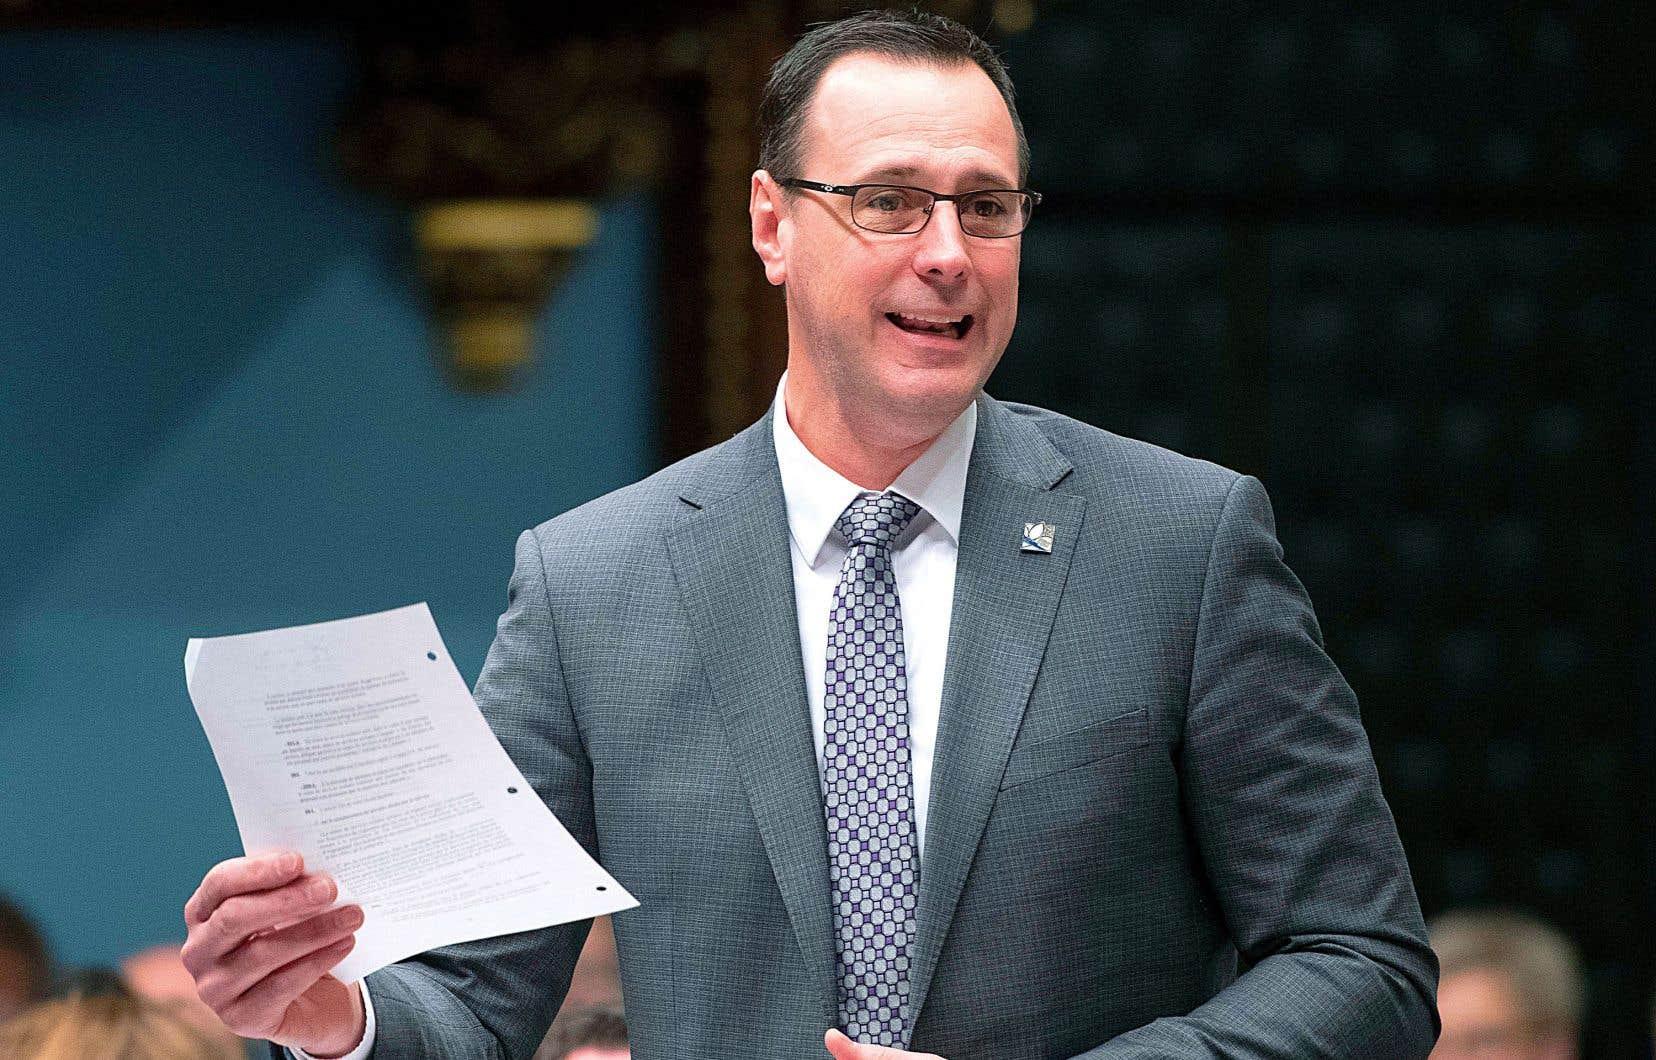 Le ministre Jean-François Roberge (photo) a annoncé la semaine dernière que les parents siégeant au conseil d'administration des futurs centres de services scolaires seront élus.